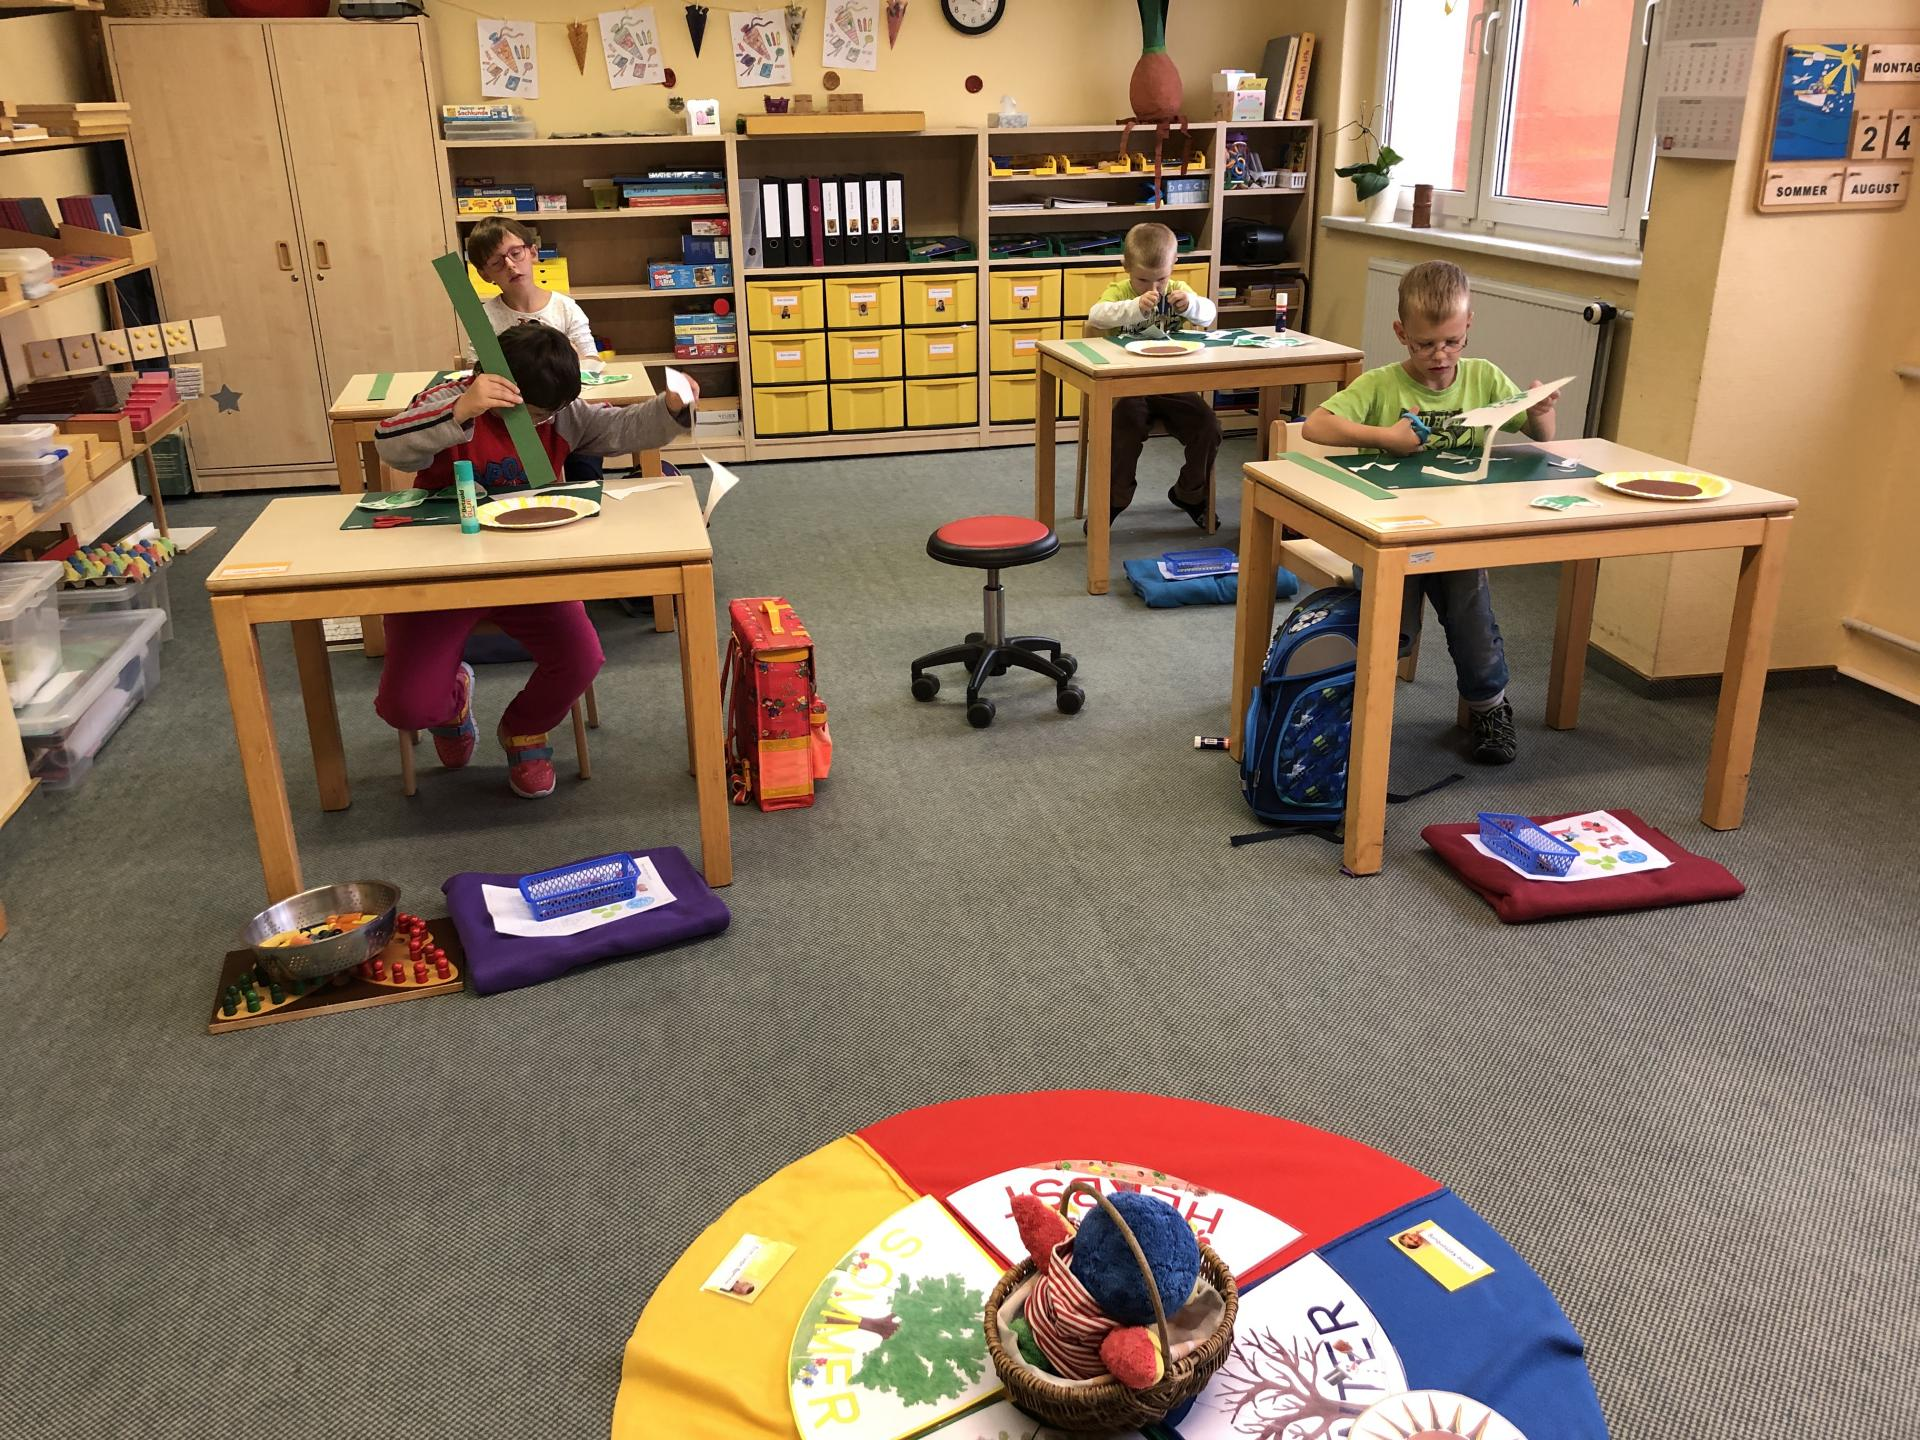 Einschulung und erste schulische Eindrücke